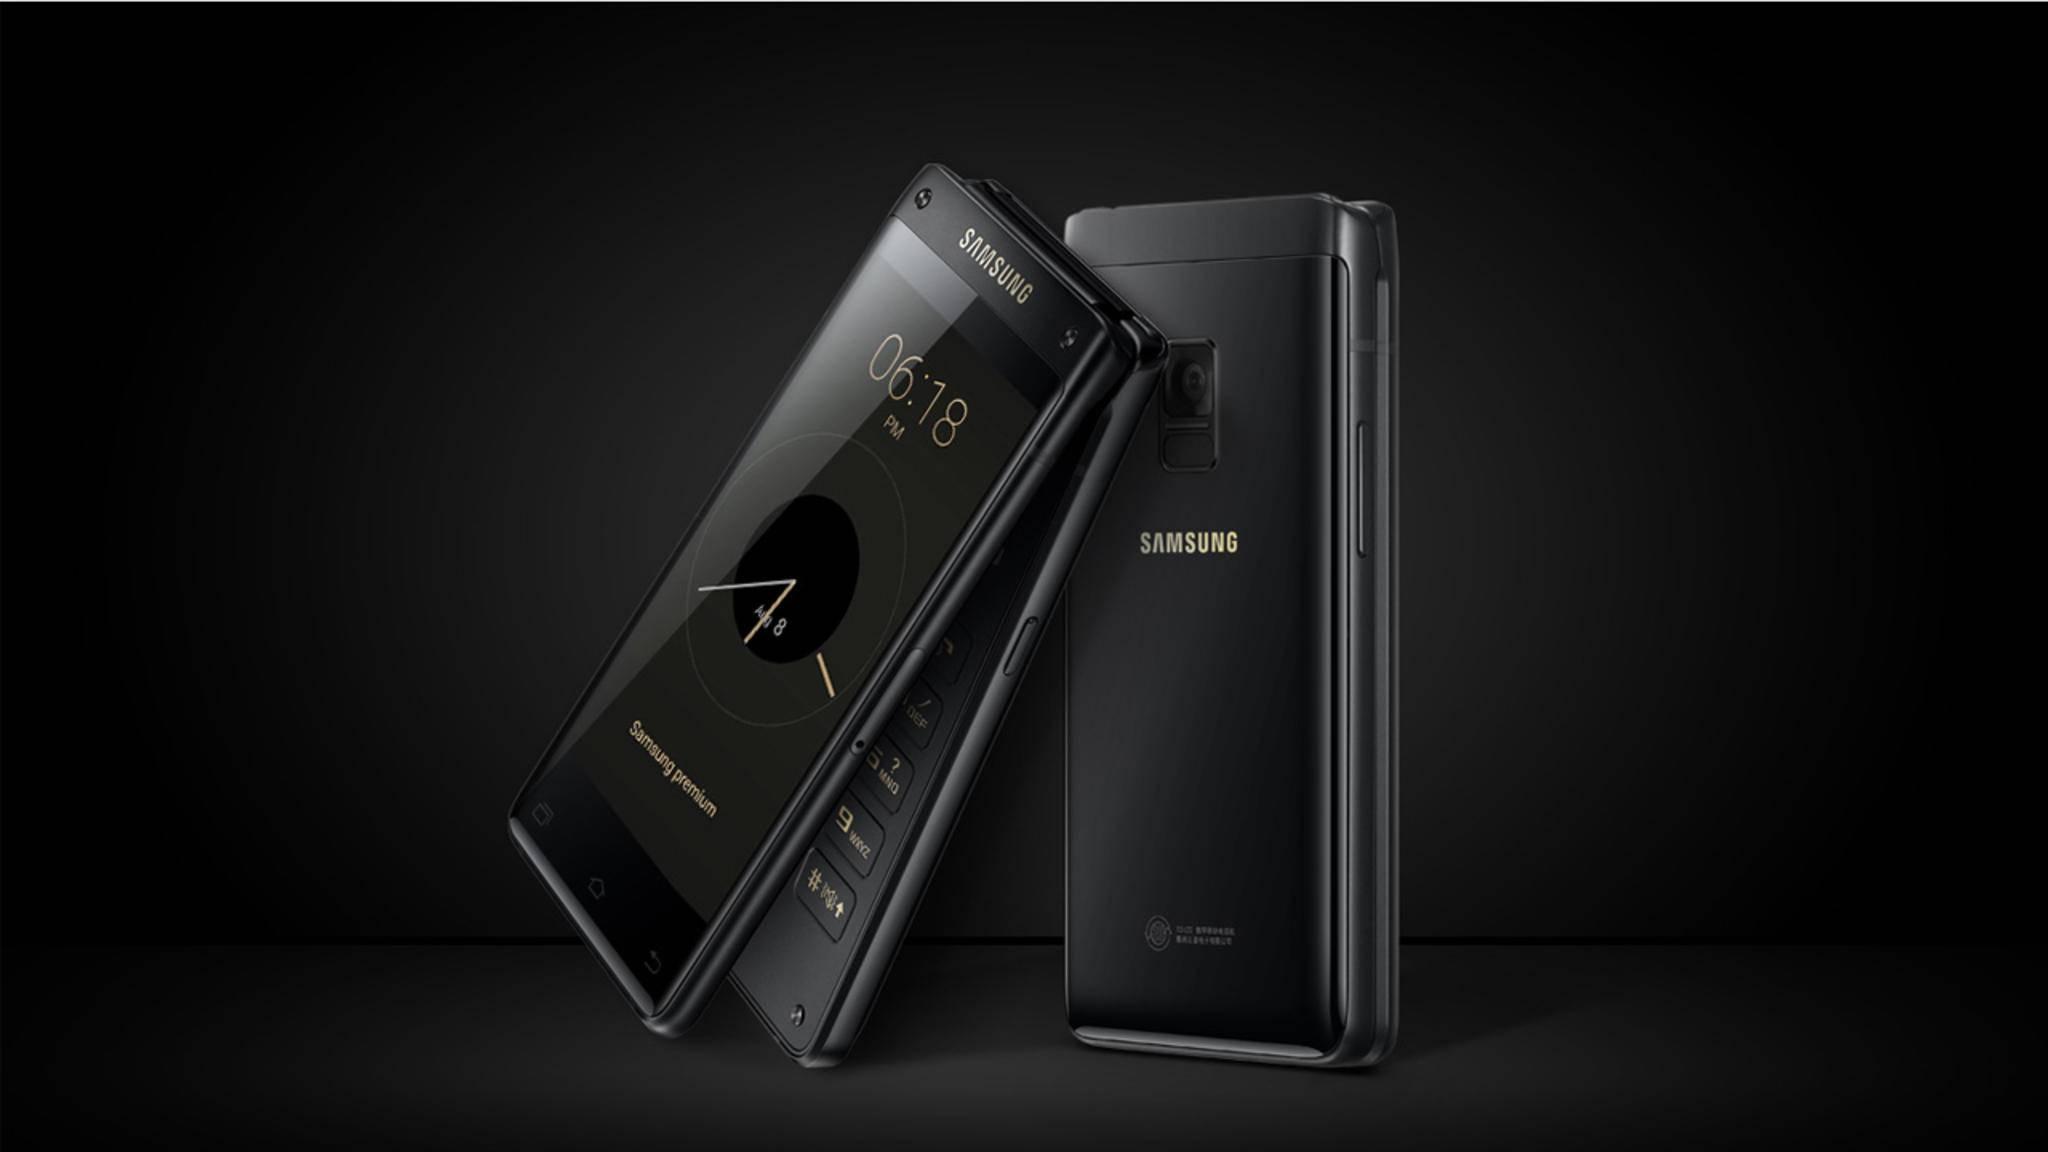 Das Samsung W2018 ist ein Klapphandy mit High-End-Technik im Inneren.